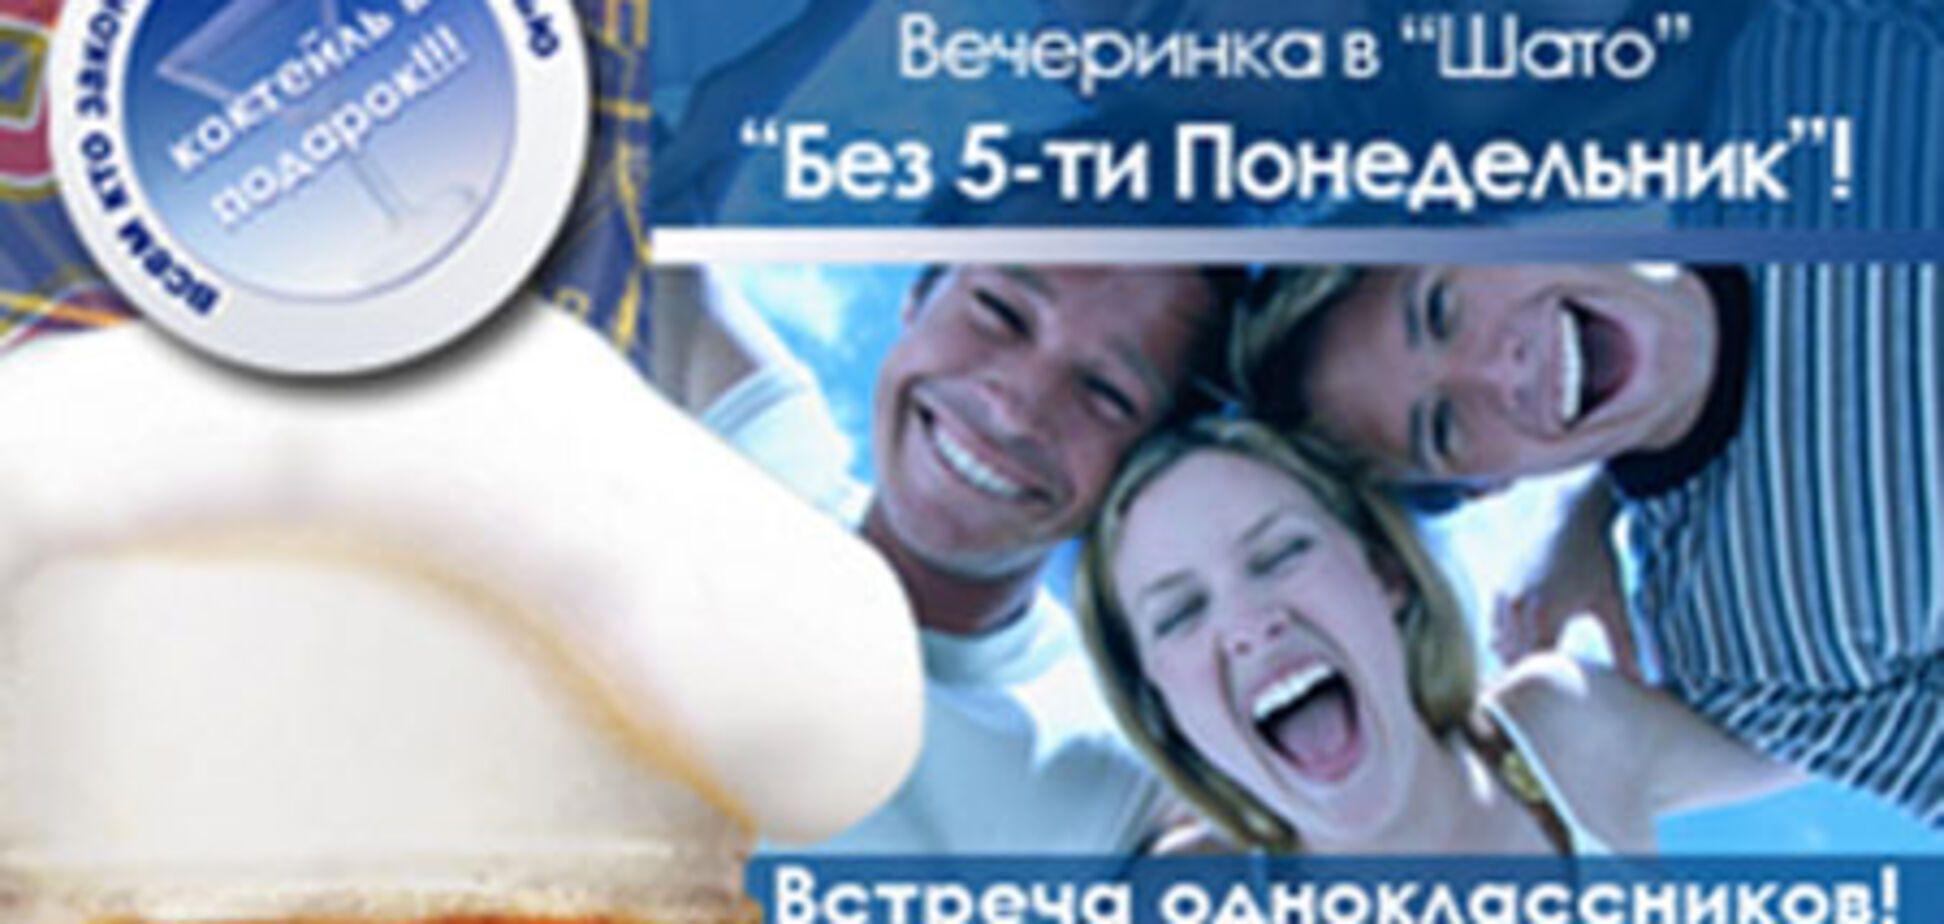 Вечеринка в «ШАТО» «Без 5-ти понедельник!»